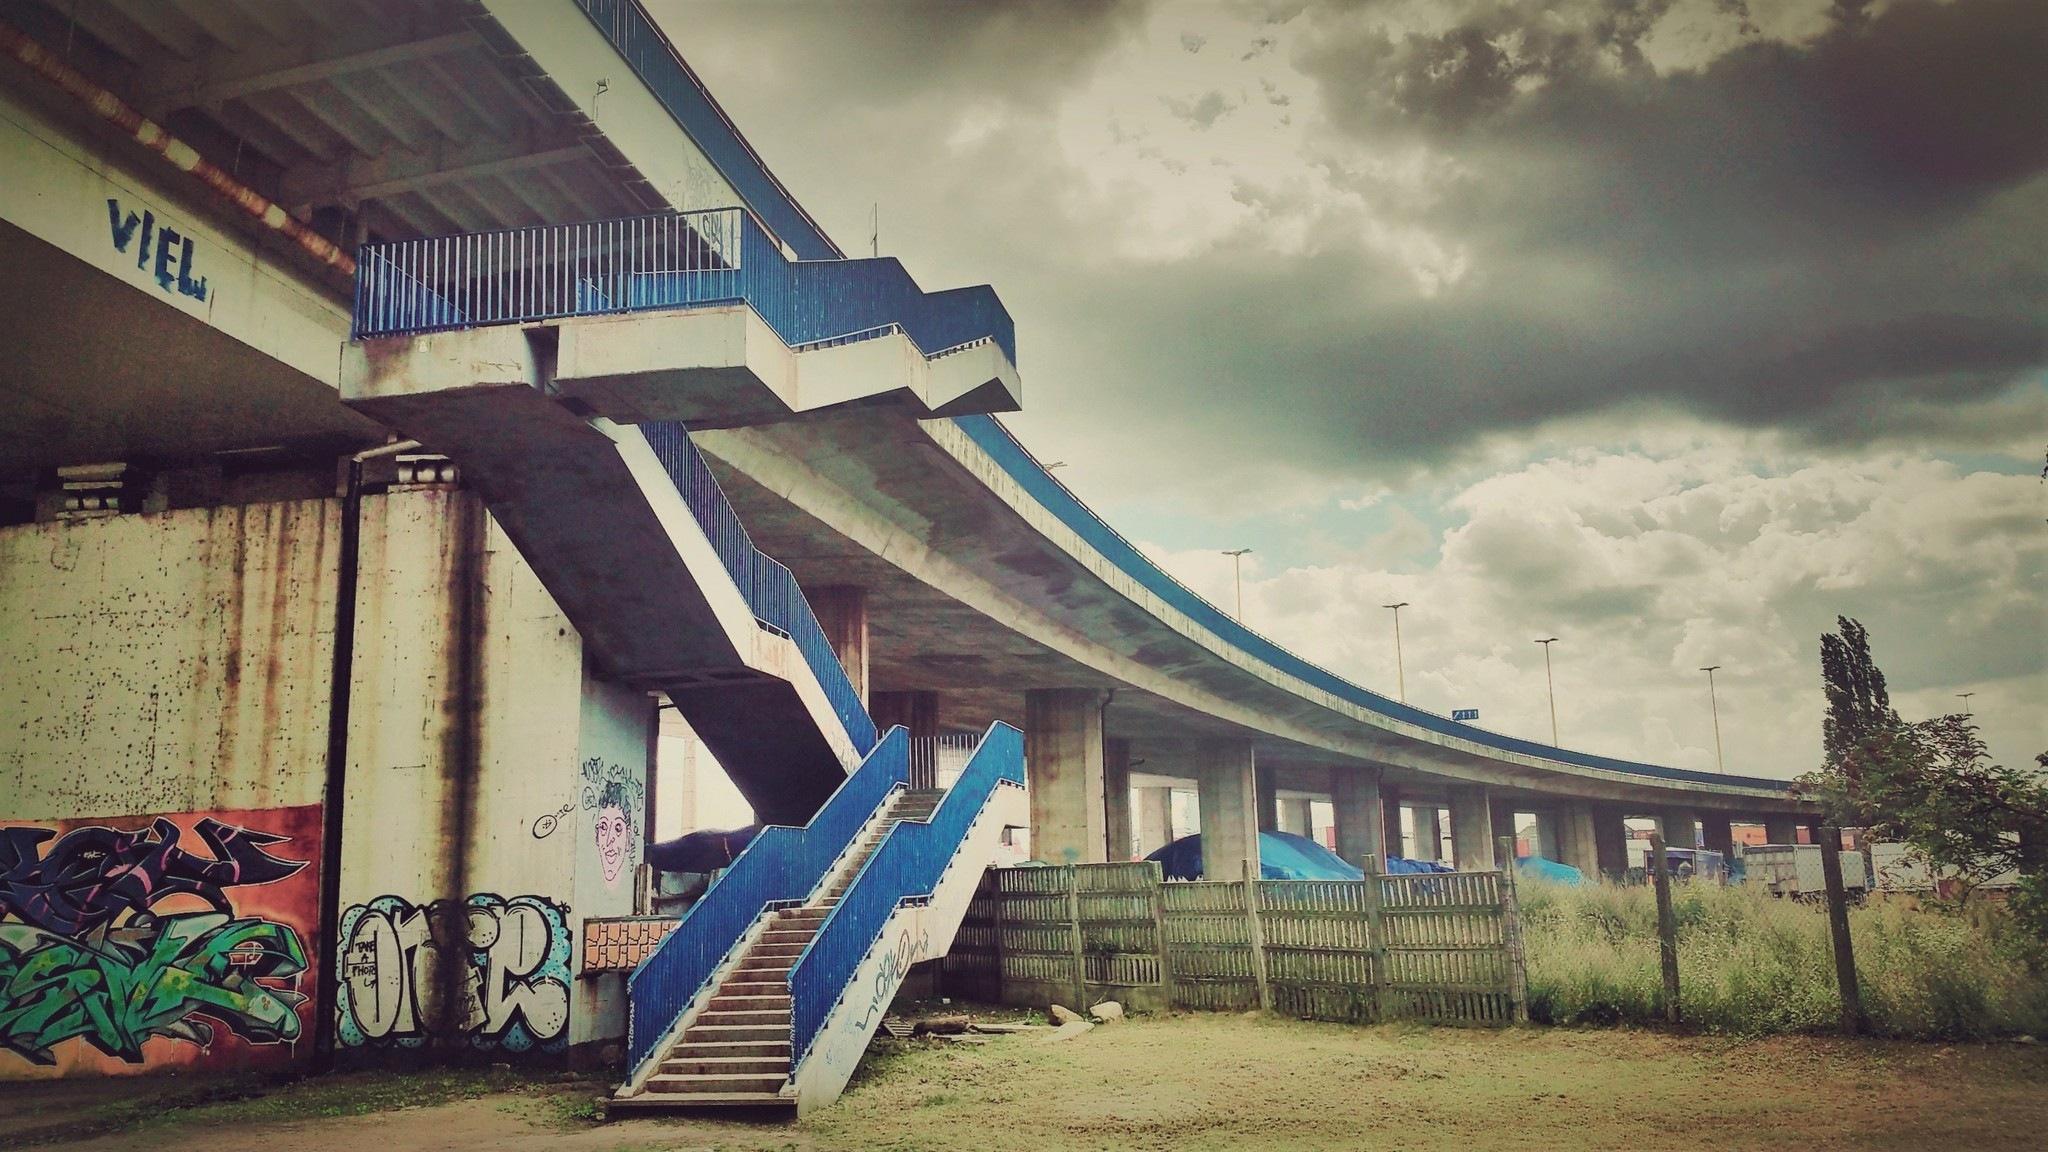 Stairway to heaven by Adam Wyciszkiewicz